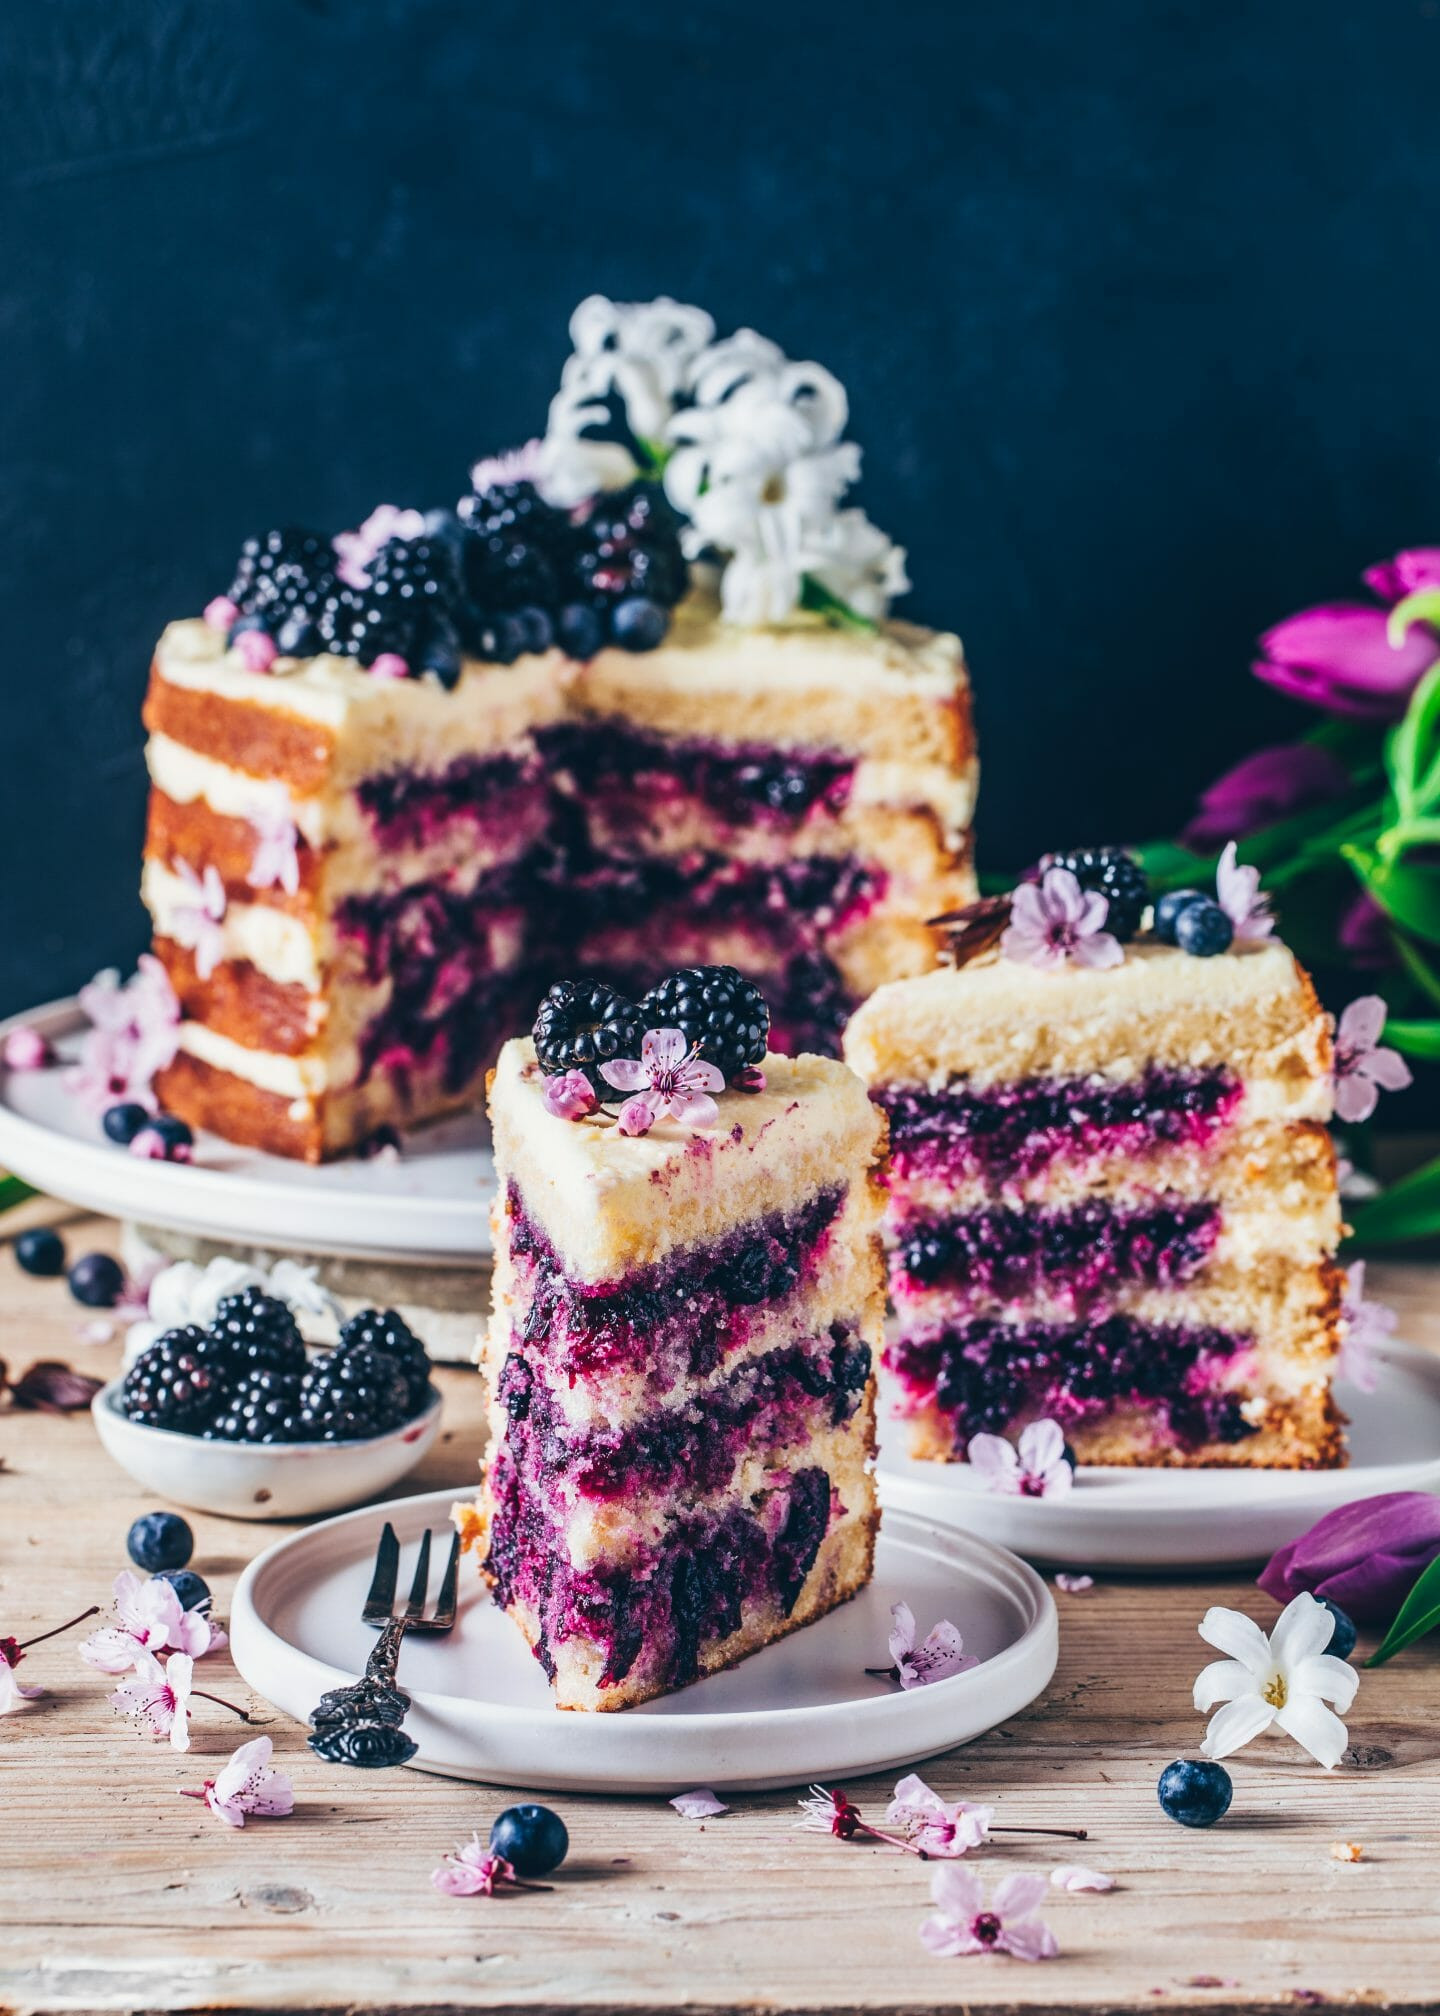 Vegetarian Lemon Cake Recipe  Lemon Blueberry Cake Vegan Layer Cake Bianca Zapatka